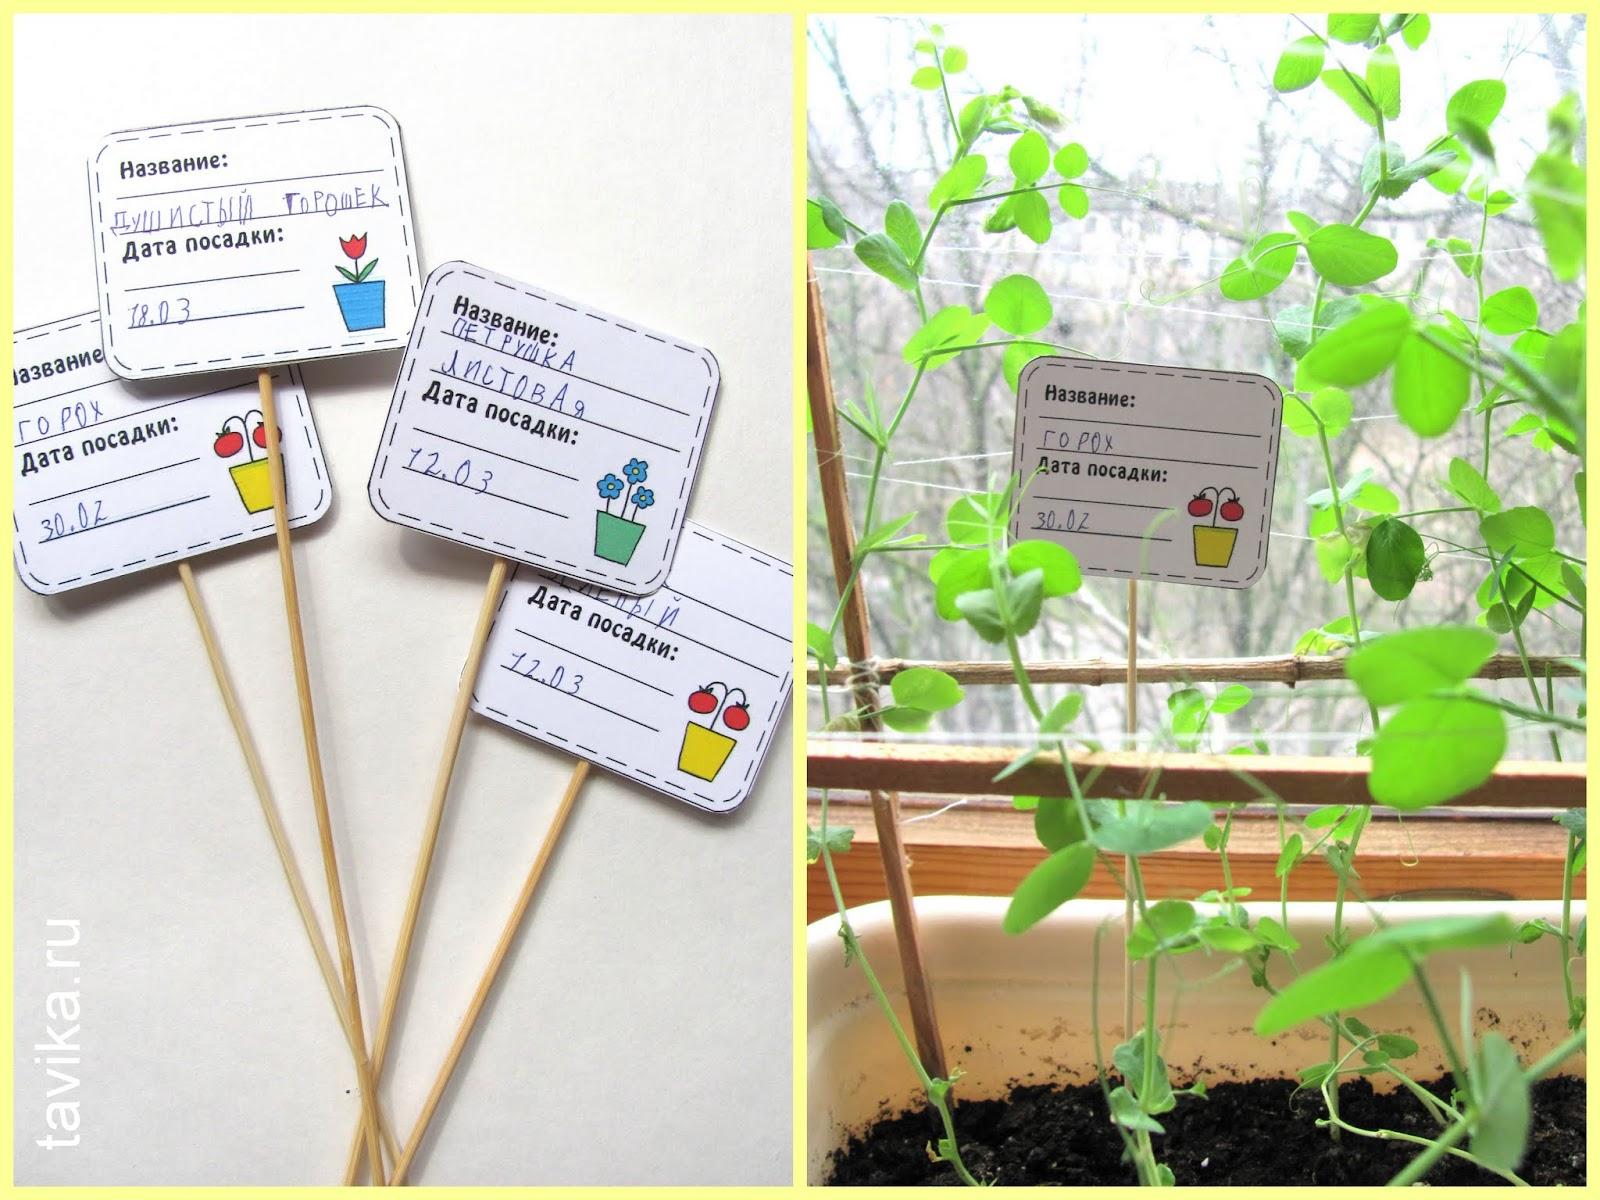 Как сделать лэпбук о растениях. Шаблоны